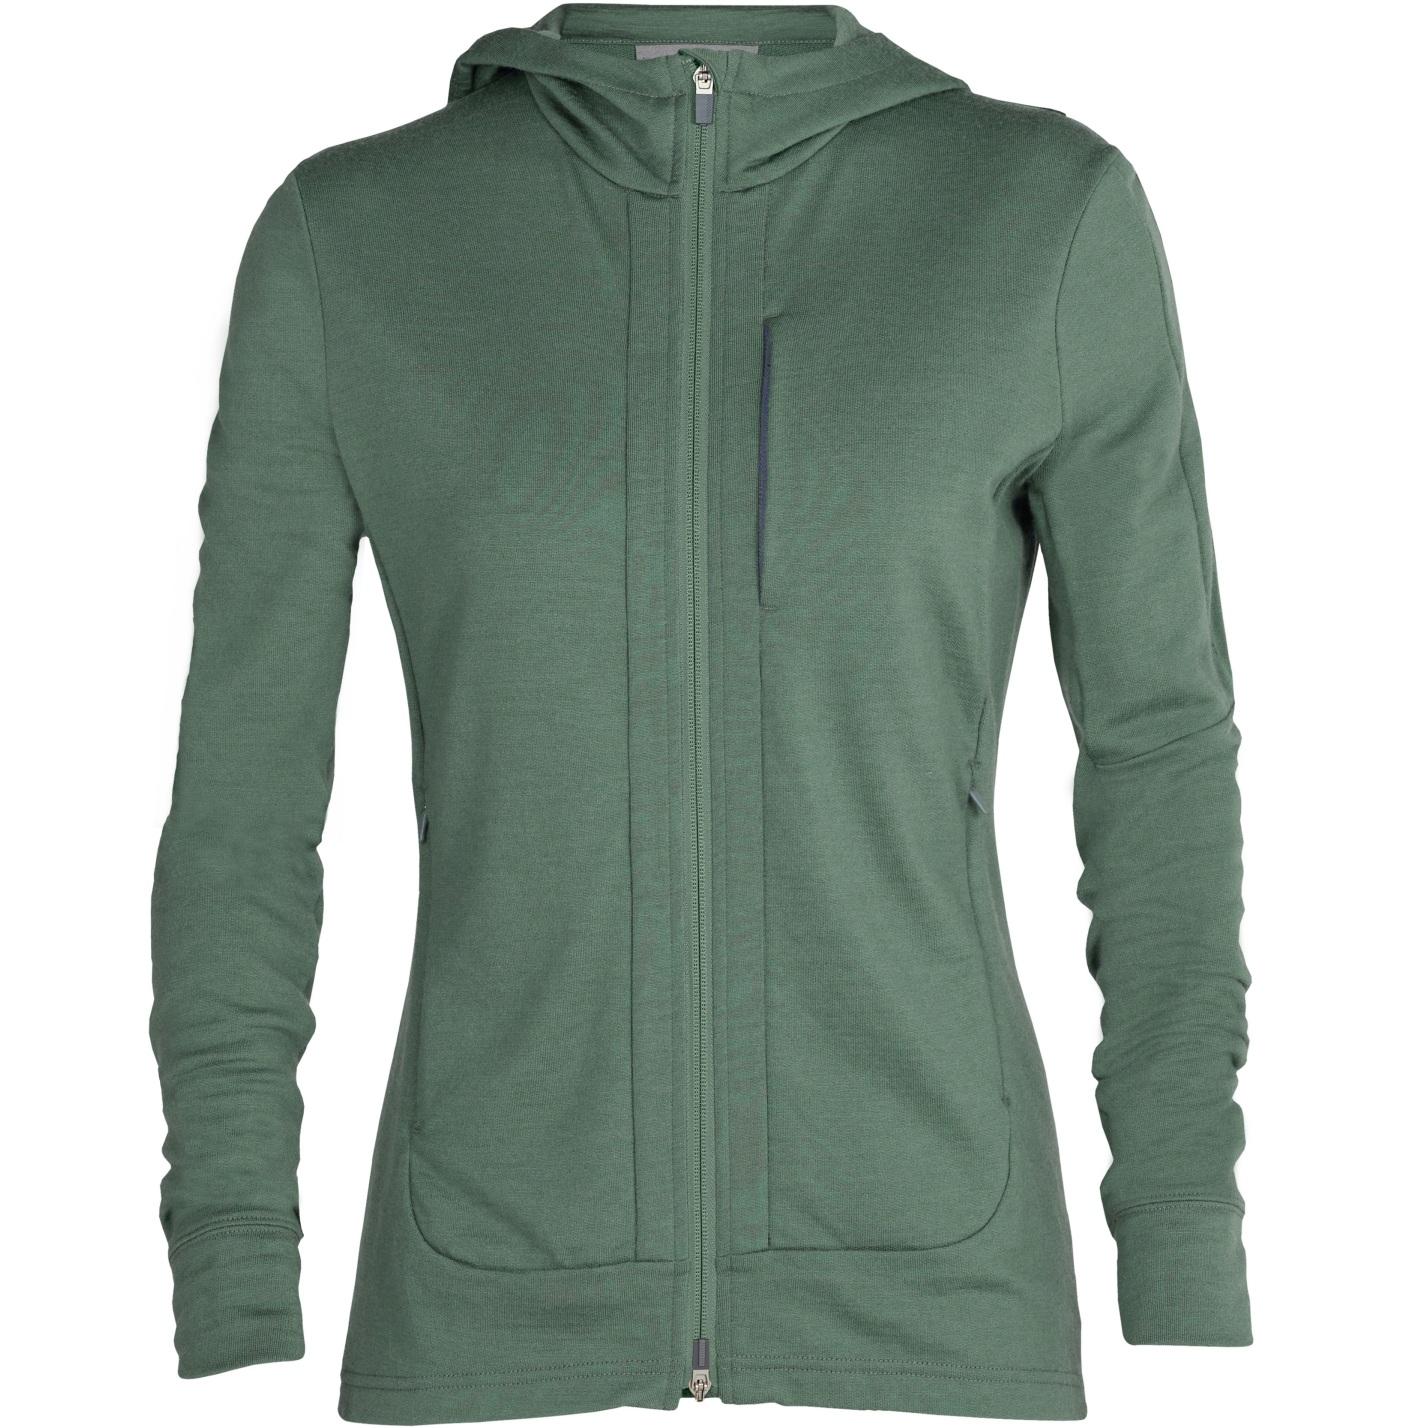 Produktbild von Icebreaker Quantum III Long Sleeve Zip Hood Damen Midlayer Jacke - Sage